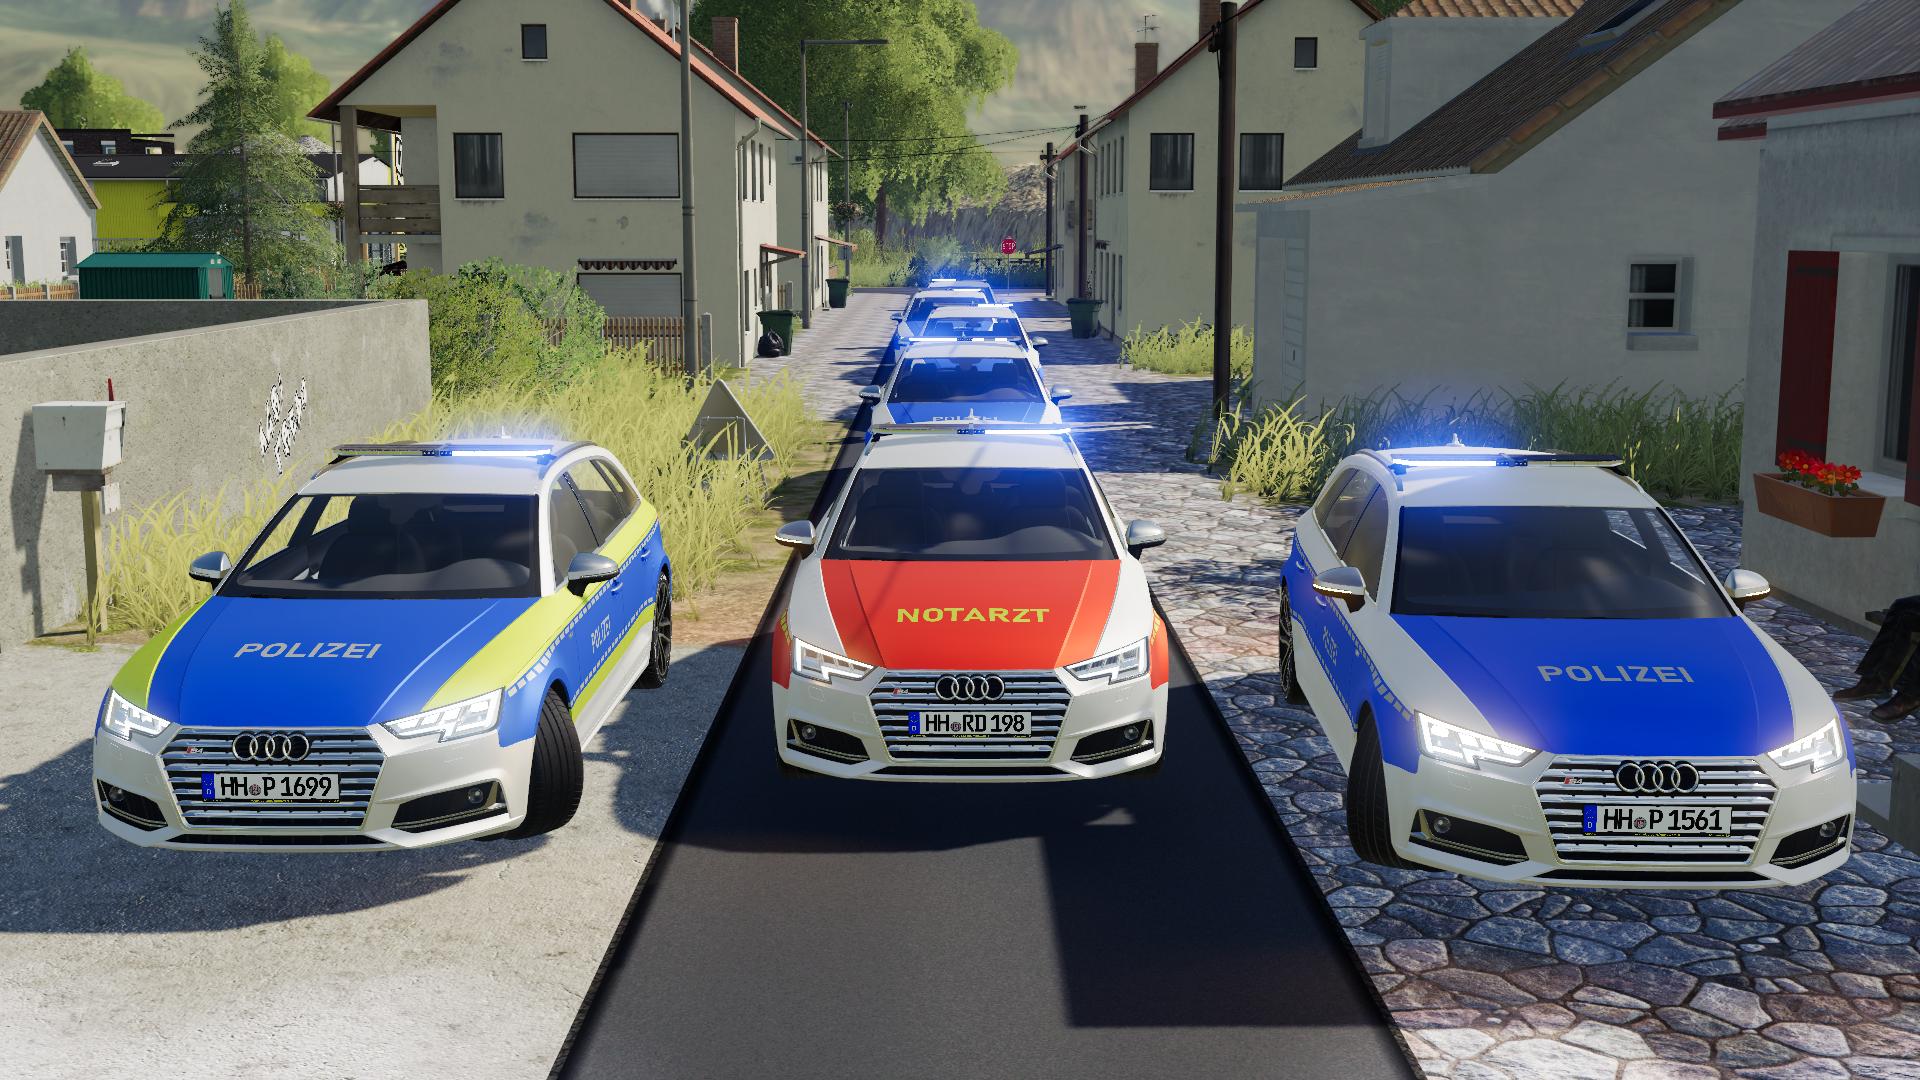 *NEU* - LS19 Volvo V60 Polizei/KDOW/NEF